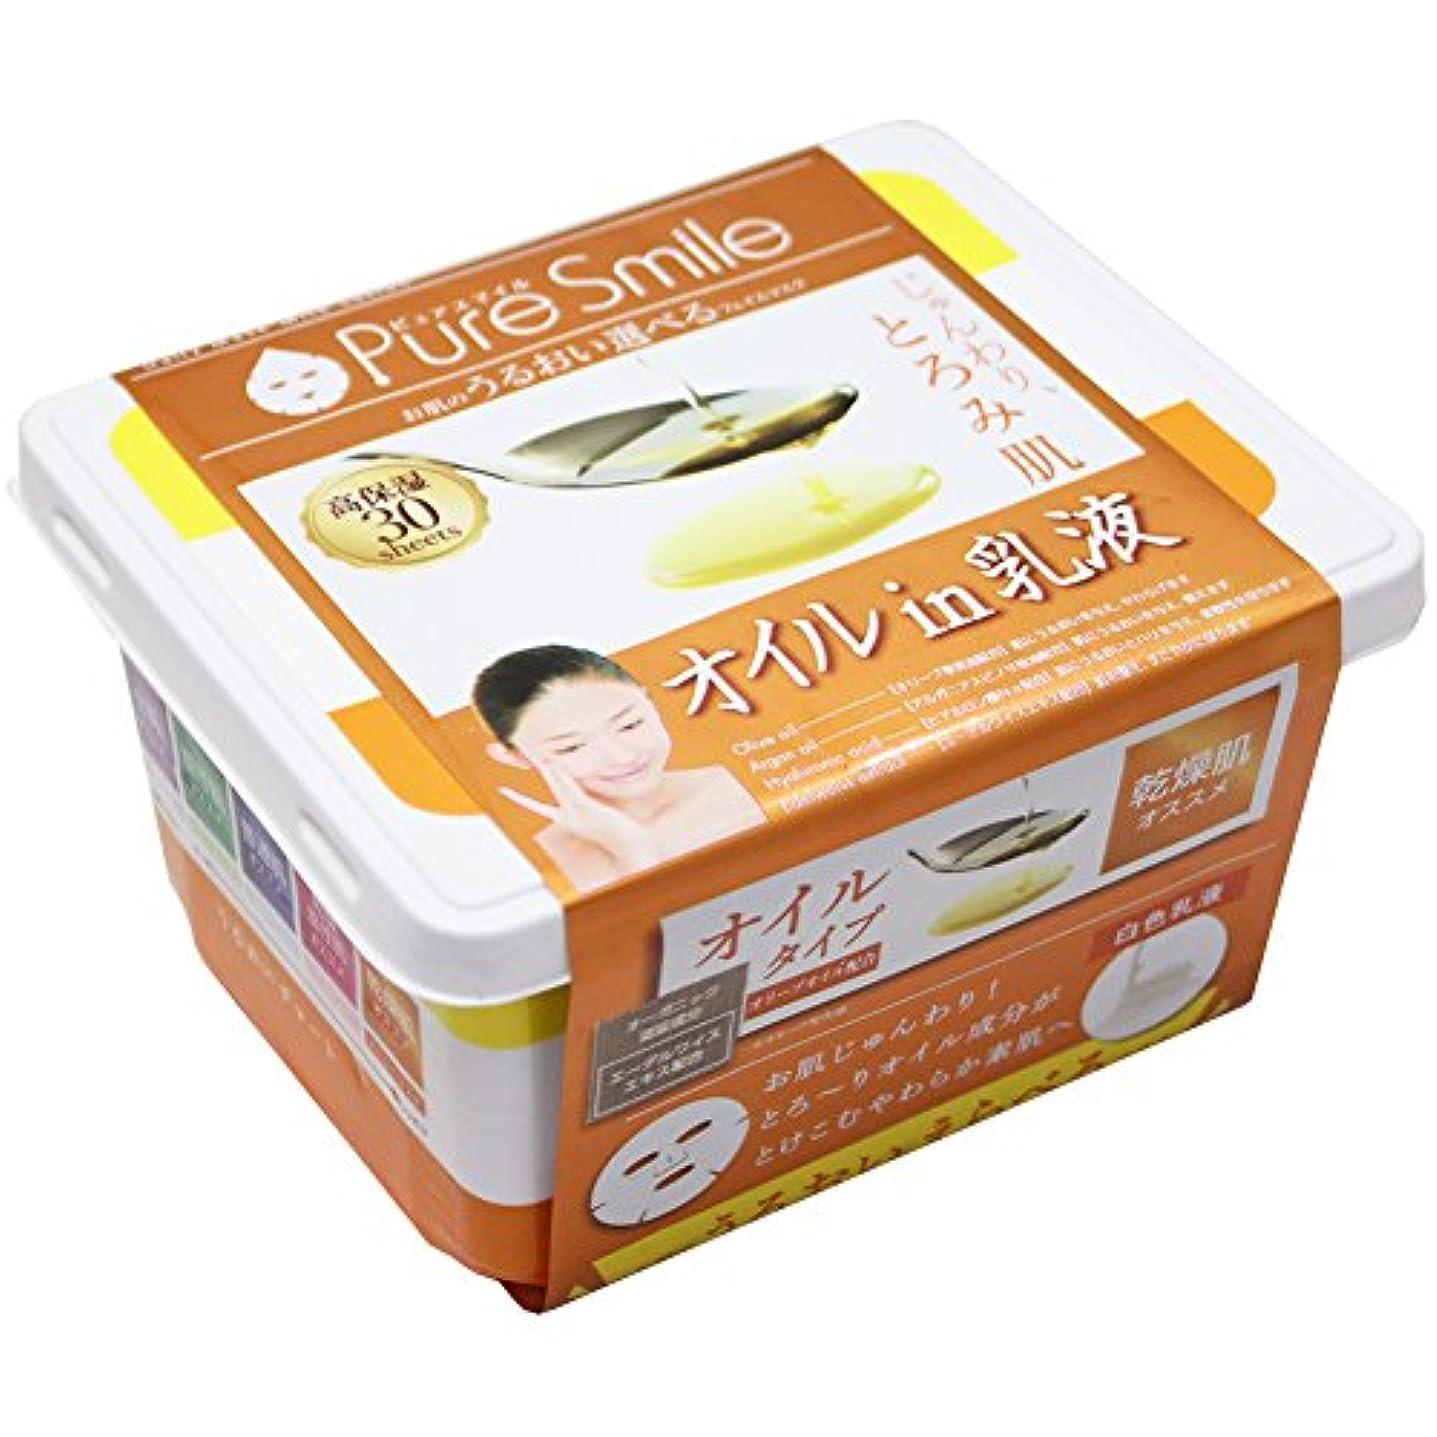 施し神学校文房具Pure Smile(ピュアスマイル) PureSmile(ピュアスマイル) フェイスパック エッセンスマスク 30枚セット オイルin乳液?3S05 フェイスマスク